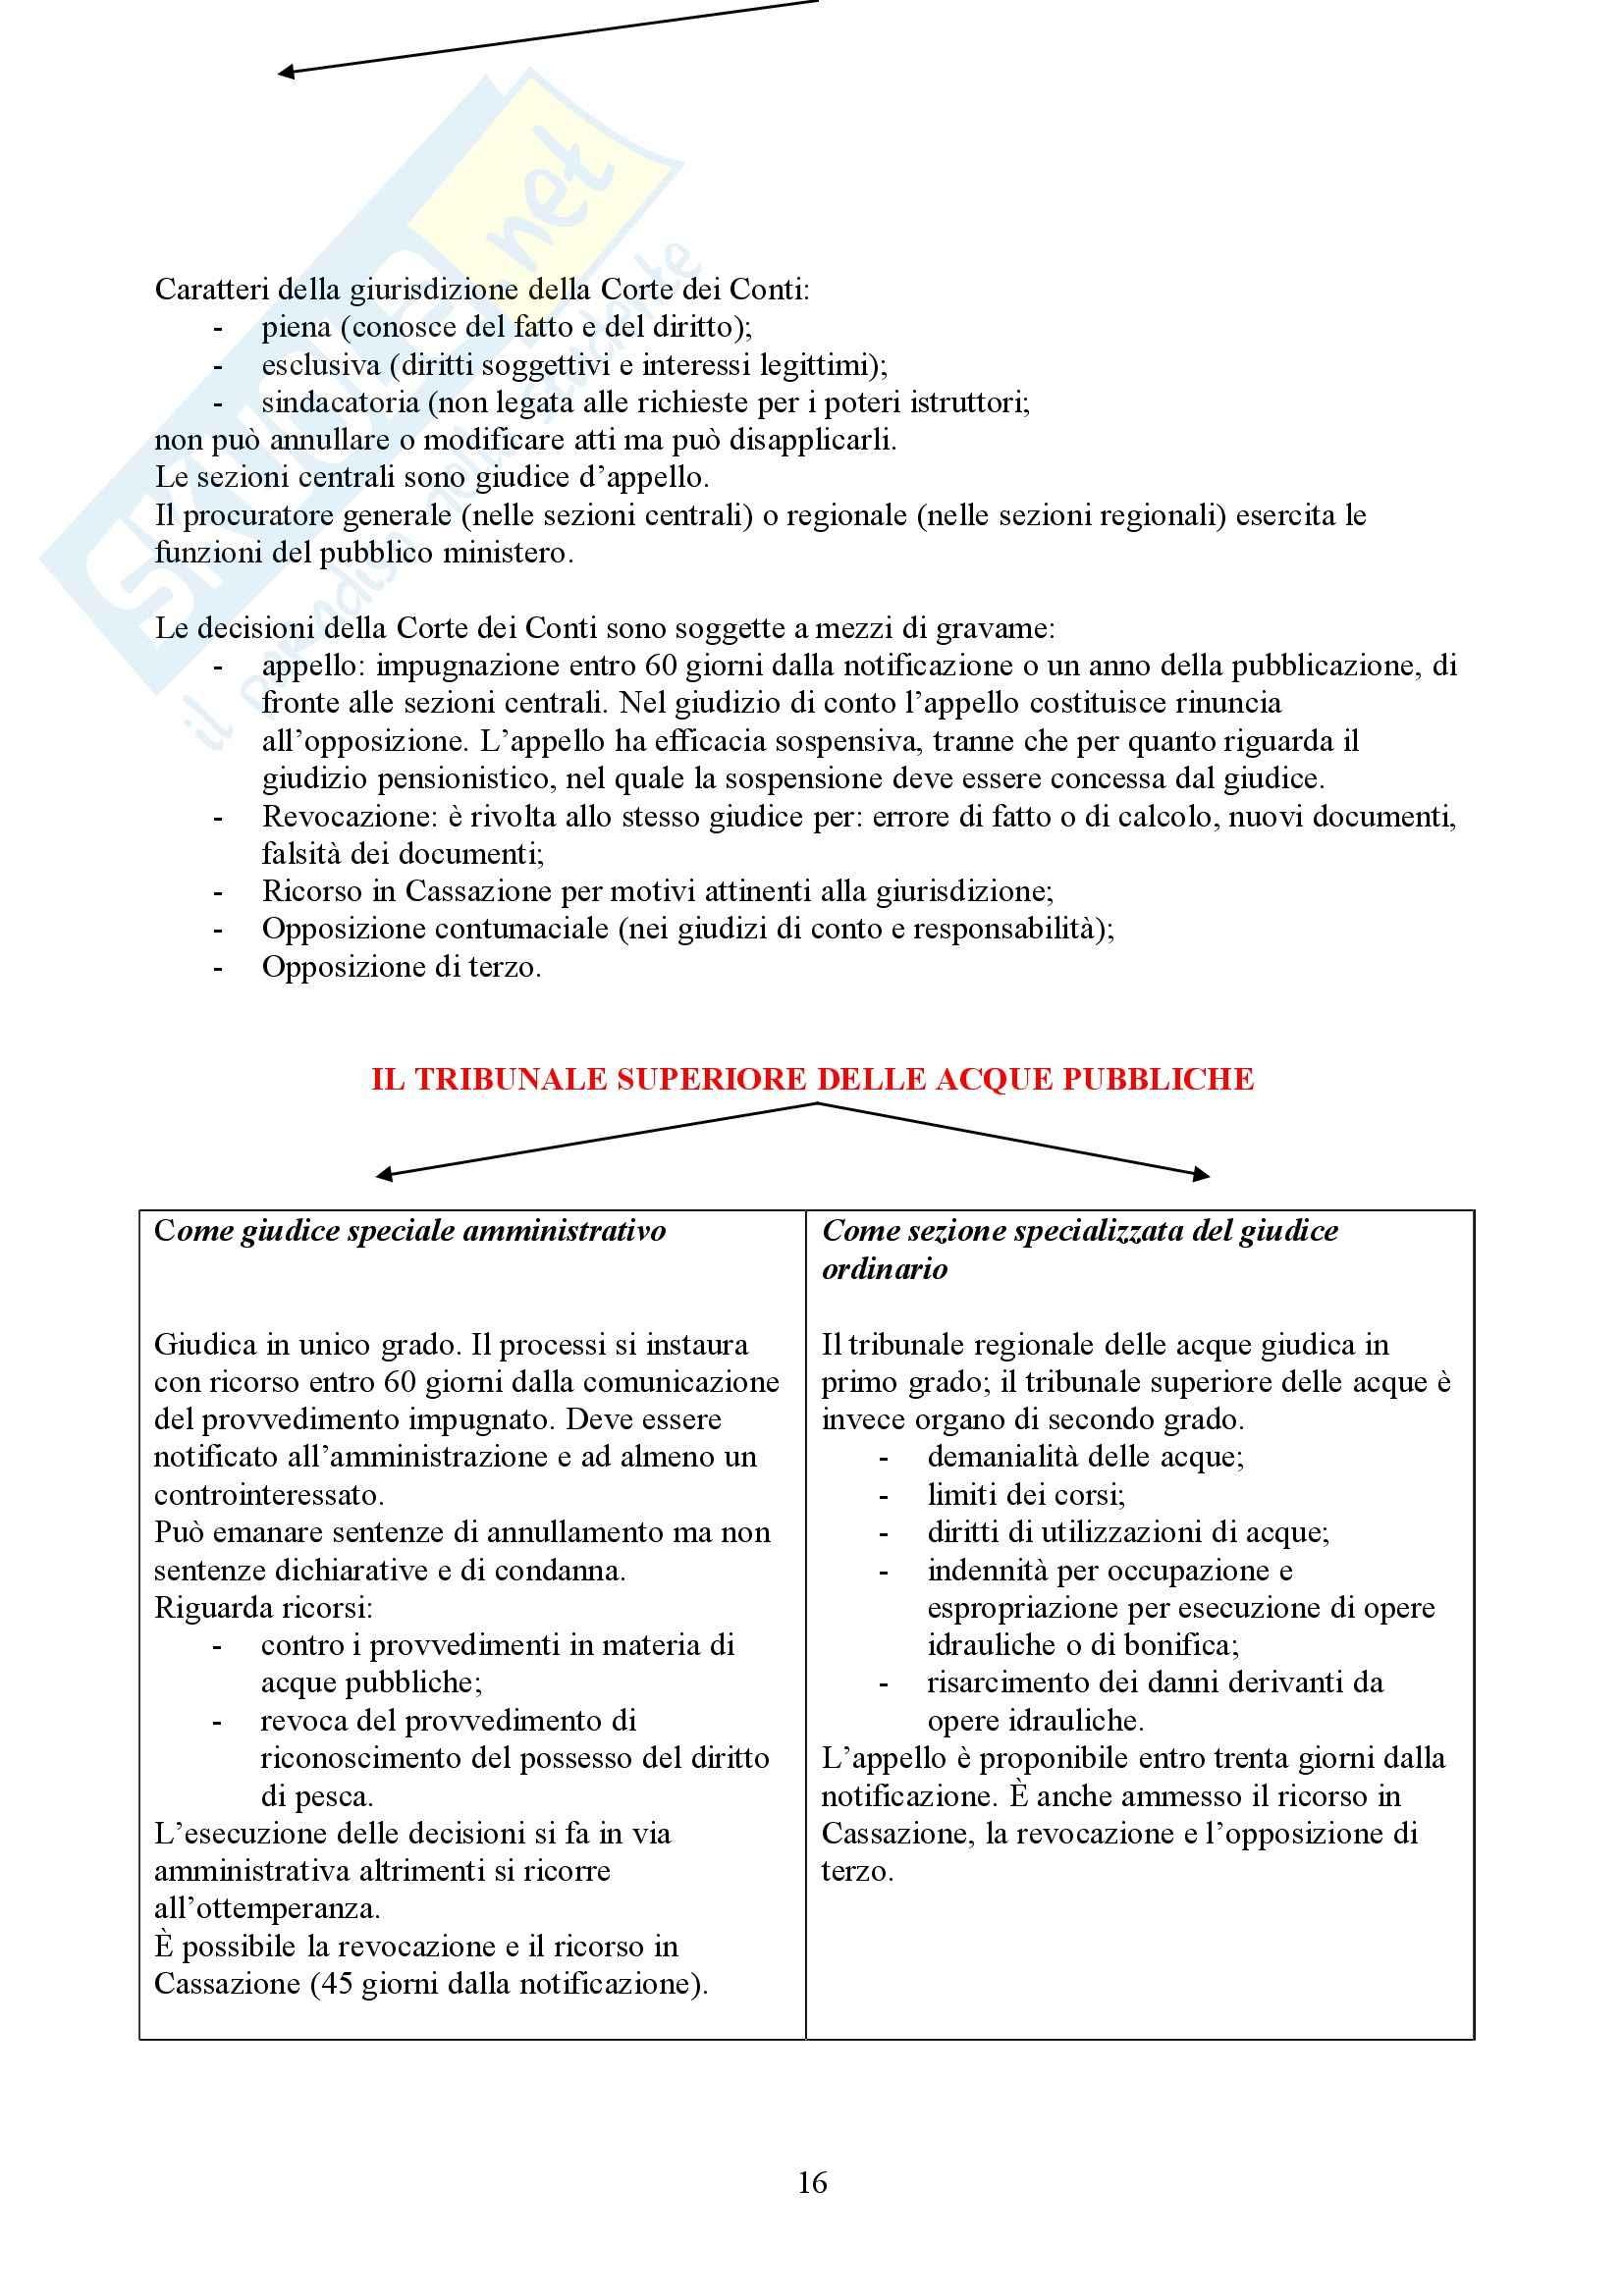 Diritto amministrativo - processo (schema) Pag. 16